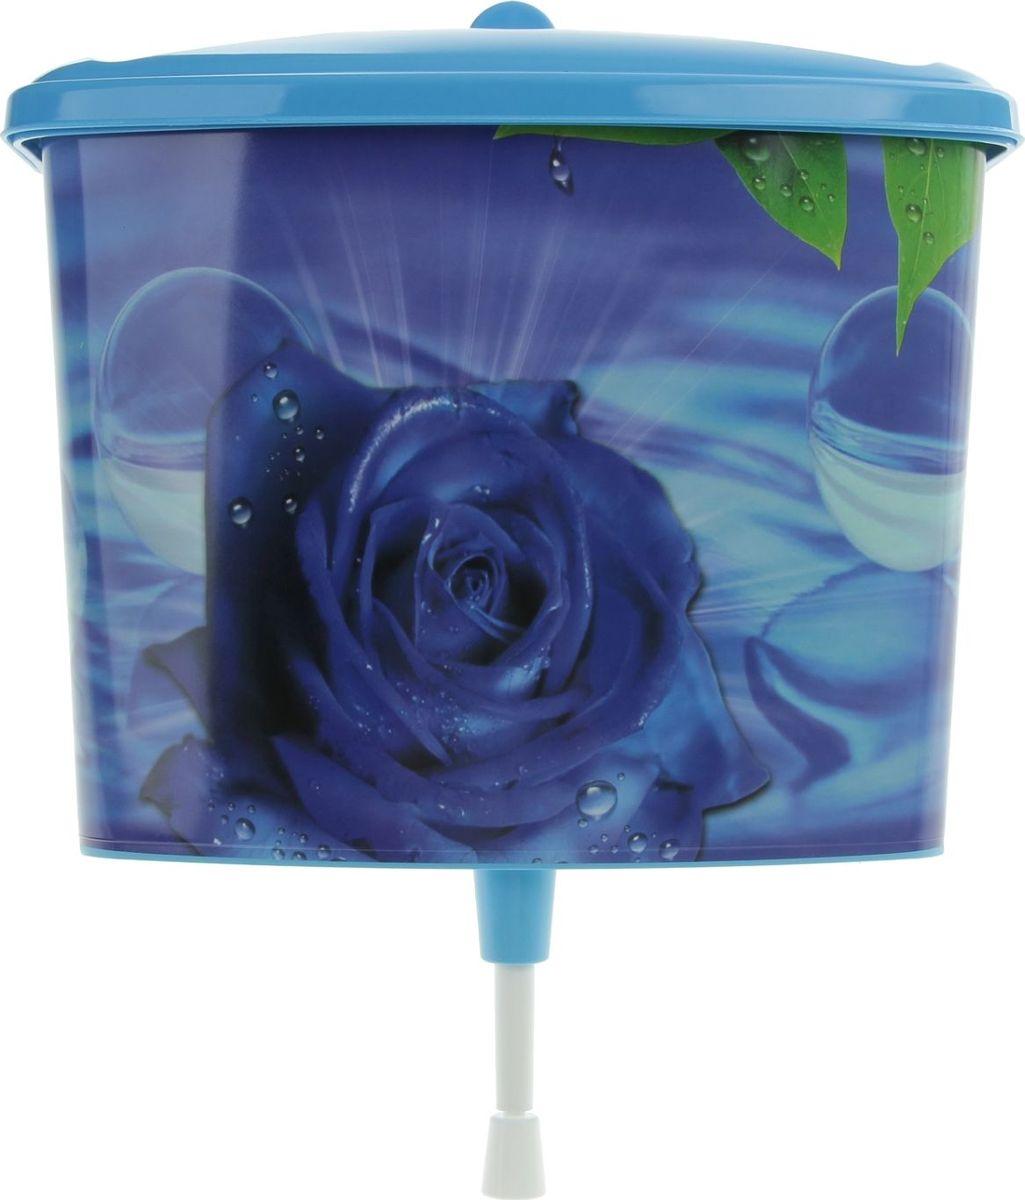 Рукомойник Альтернатива Вечерняя роза, 5 л541468Оригинальный рукомойник поможет вам поддерживать чистоту рук на вашем дачном участке. Рукомойник изготовлен прочного пластика. Крышка плотно прилегает к рукомойнику, что препятствует попаданию грязи и пыли в воду. На крышке рукомойника предусмотрены места под мыло.